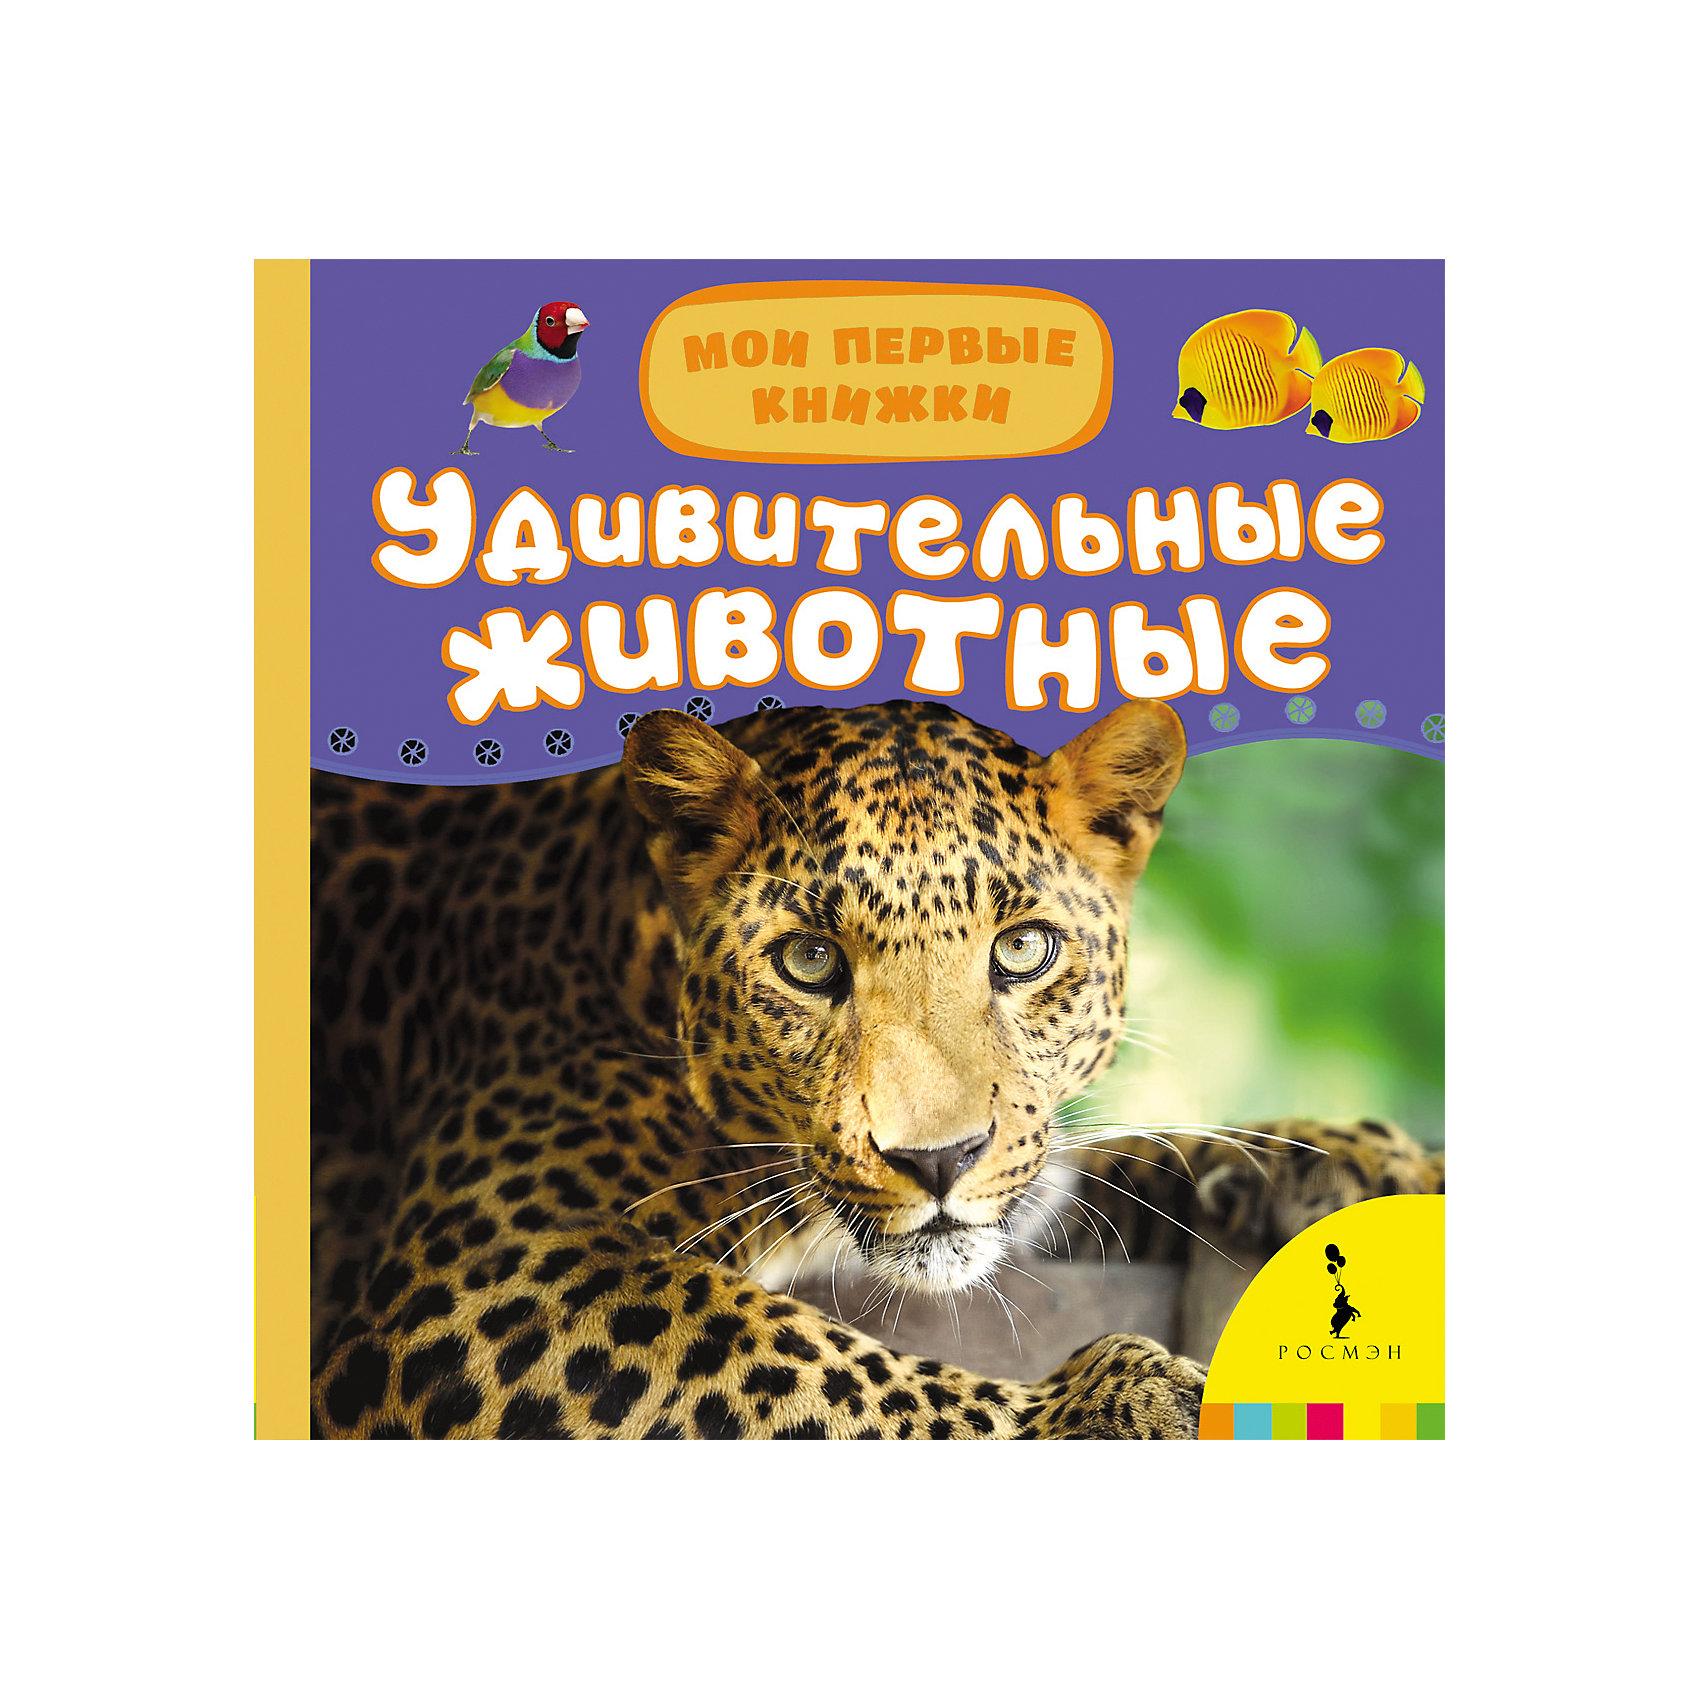 Мои первые книжки Удивительные животныеЭнциклопедии для малышей<br>Характеристики товара:<br><br>- цвет: разноцветный;<br>- материал: картон;<br>- страниц: 14;<br>- формат: 17 х 17 см;<br>- обложка: пухлая;<br>- цветные иллюстрации. <br><br>Издания серии Мои первые книжки - хороший способ занять ребенка! Эта красочная книга станет отличным подарком для родителей и малыша. Она содержит в себе рассказ о животных, которых так любят дети. Плюс - яркие фотографии. Отличный способ привить малышу любовь к чтению! Удобный формат и плотные странички позволят брать книгу с собой в поездки.<br>Чтение и рассматривание картинок даже в юном возрасте помогает ребенку развивать память, концентрацию внимания и воображение. Издание произведено из качественных материалов, которые безопасны даже для самых маленьких.<br><br>Издание Удивительные животные, Мои первые книжки от компании Росмэн можно купить в нашем интернет-магазине.<br><br>Ширина мм: 165<br>Глубина мм: 165<br>Высота мм: 19<br>Вес г: 325<br>Возраст от месяцев: 0<br>Возраст до месяцев: 36<br>Пол: Унисекс<br>Возраст: Детский<br>SKU: 3895270